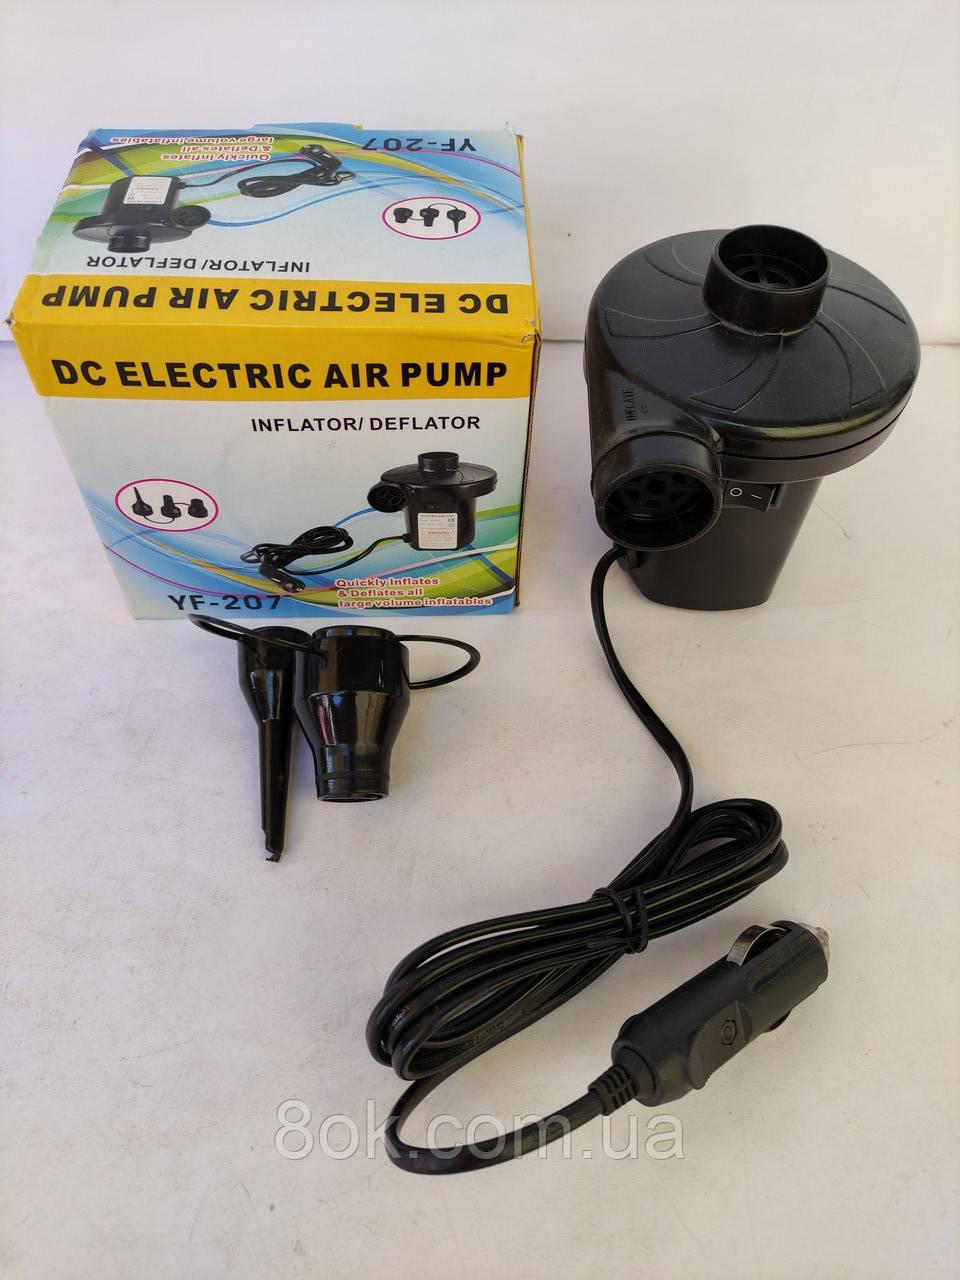 Автомобільний насос для матраців Air Pump YF-207